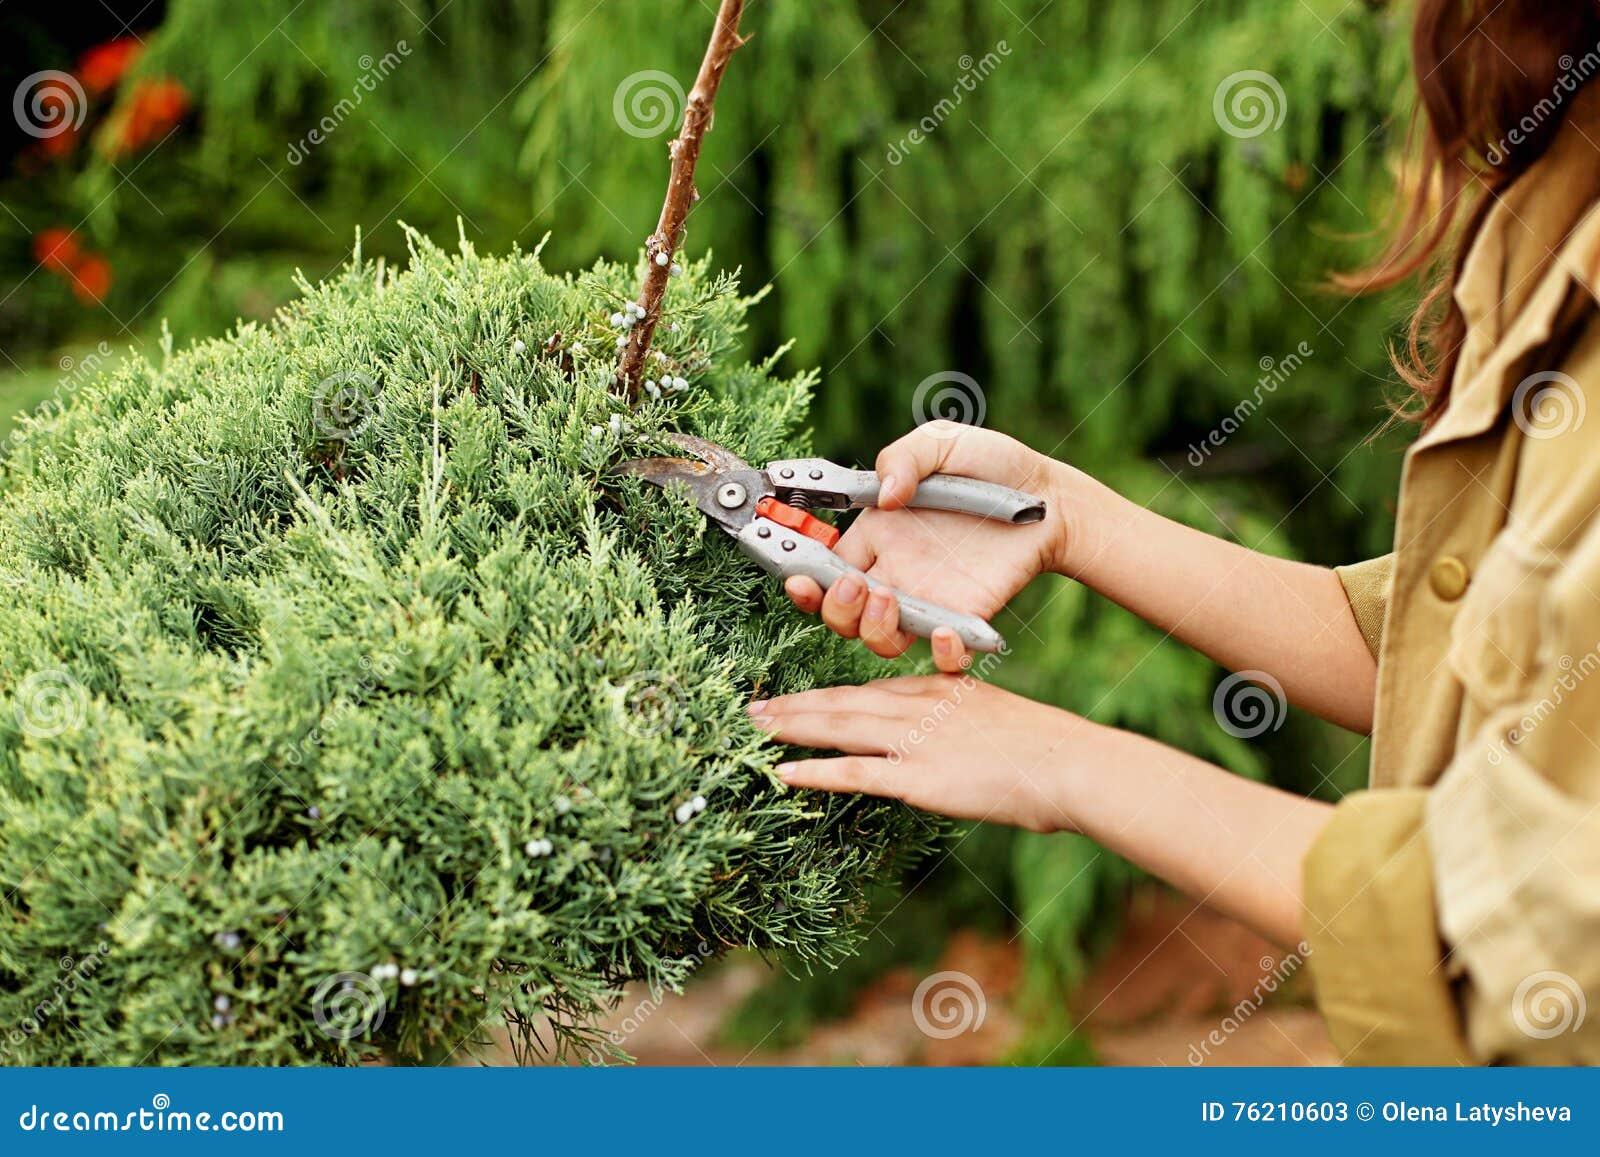 Flickaträdgårdsmästaren i snitt för funktionsduglig kläder och för sugrörhatt arbeta i trädgården vintergrön sax